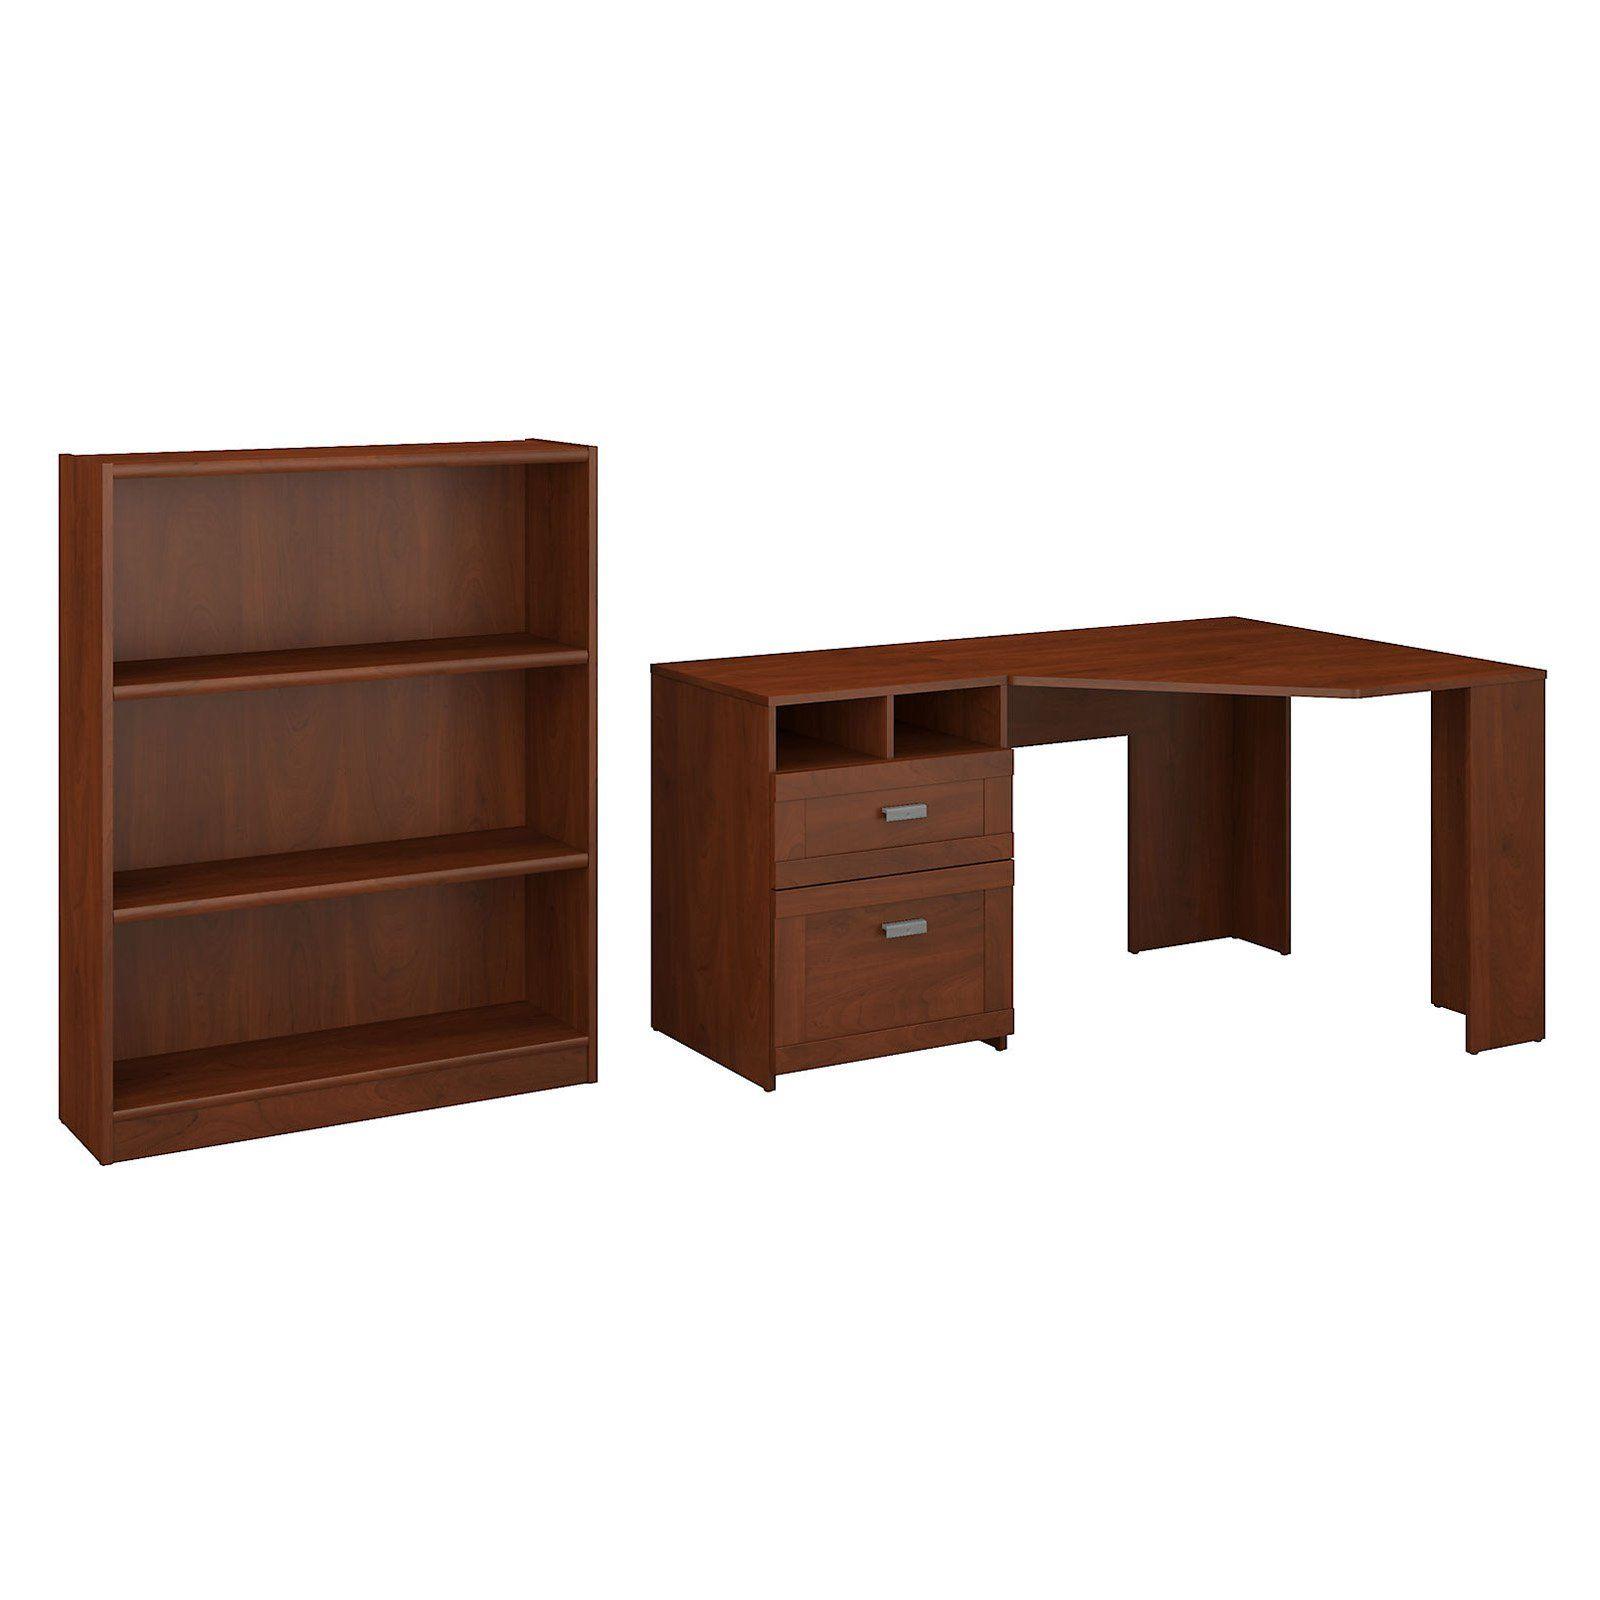 Bush Furniture Wheaton Reversible Corner Desk With Bookcase Bush